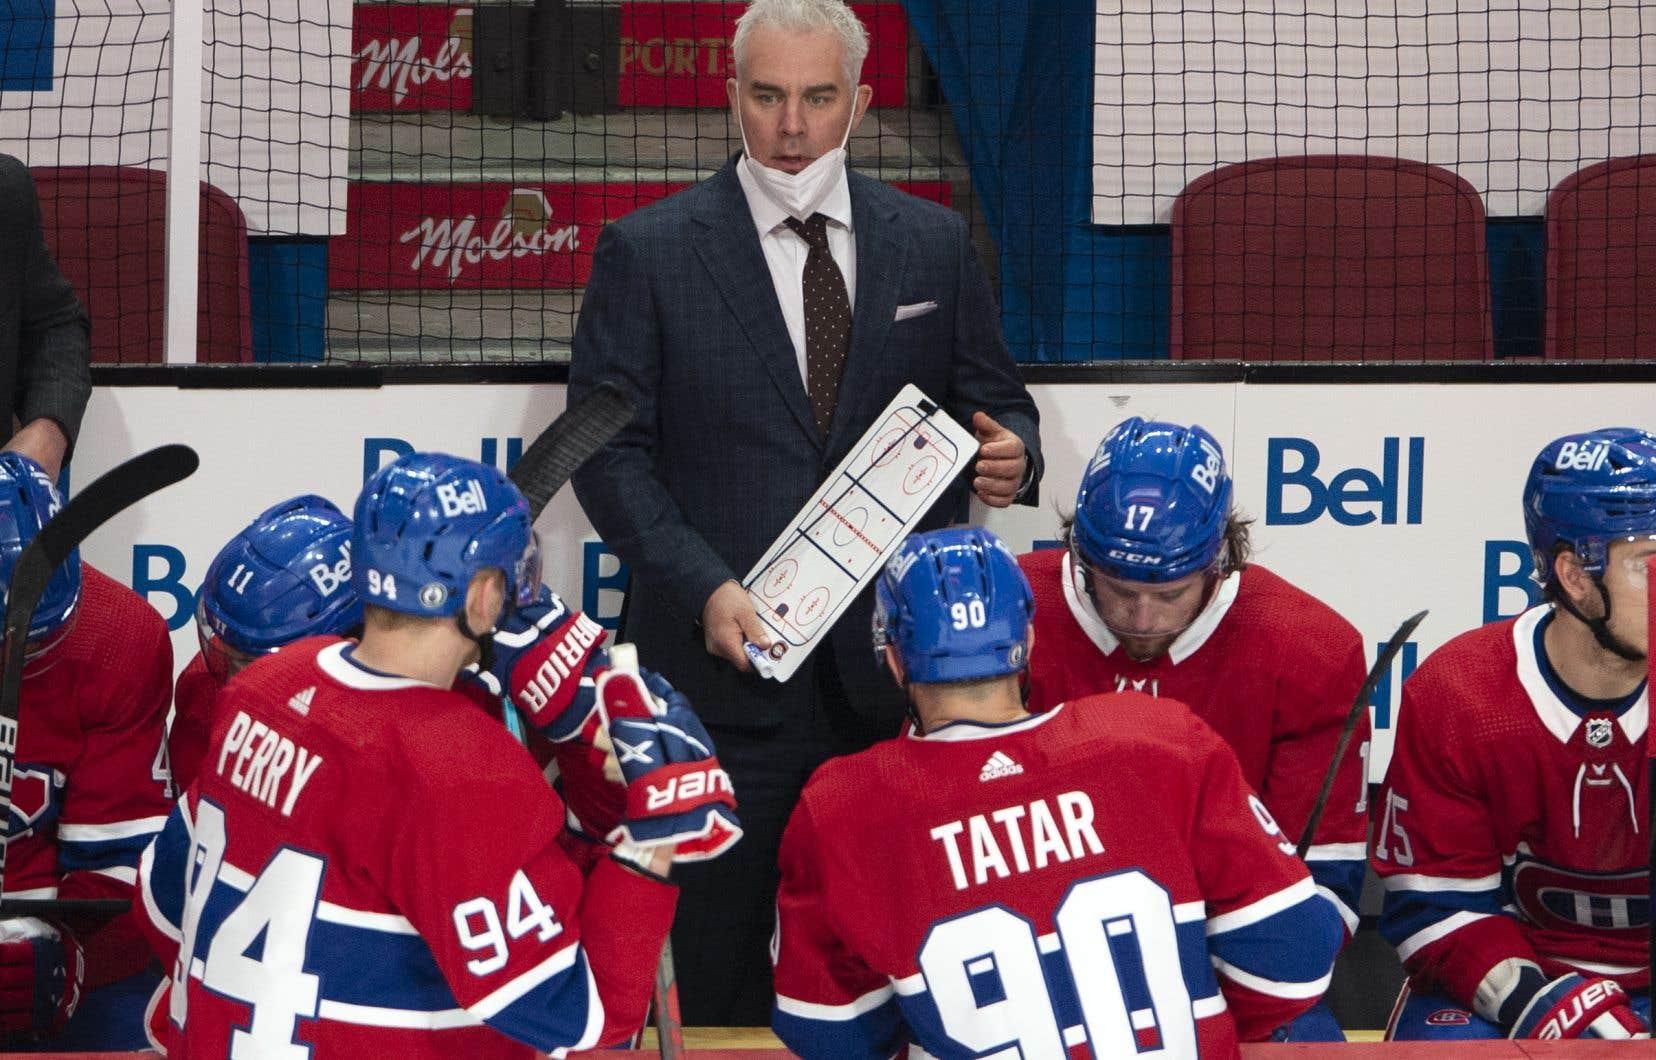 Le Canadien devrait attendre jusqu'à la finale de la Coupe Stanley, s'il s'y rend, avant de revoir Ducharme derrière son banc.